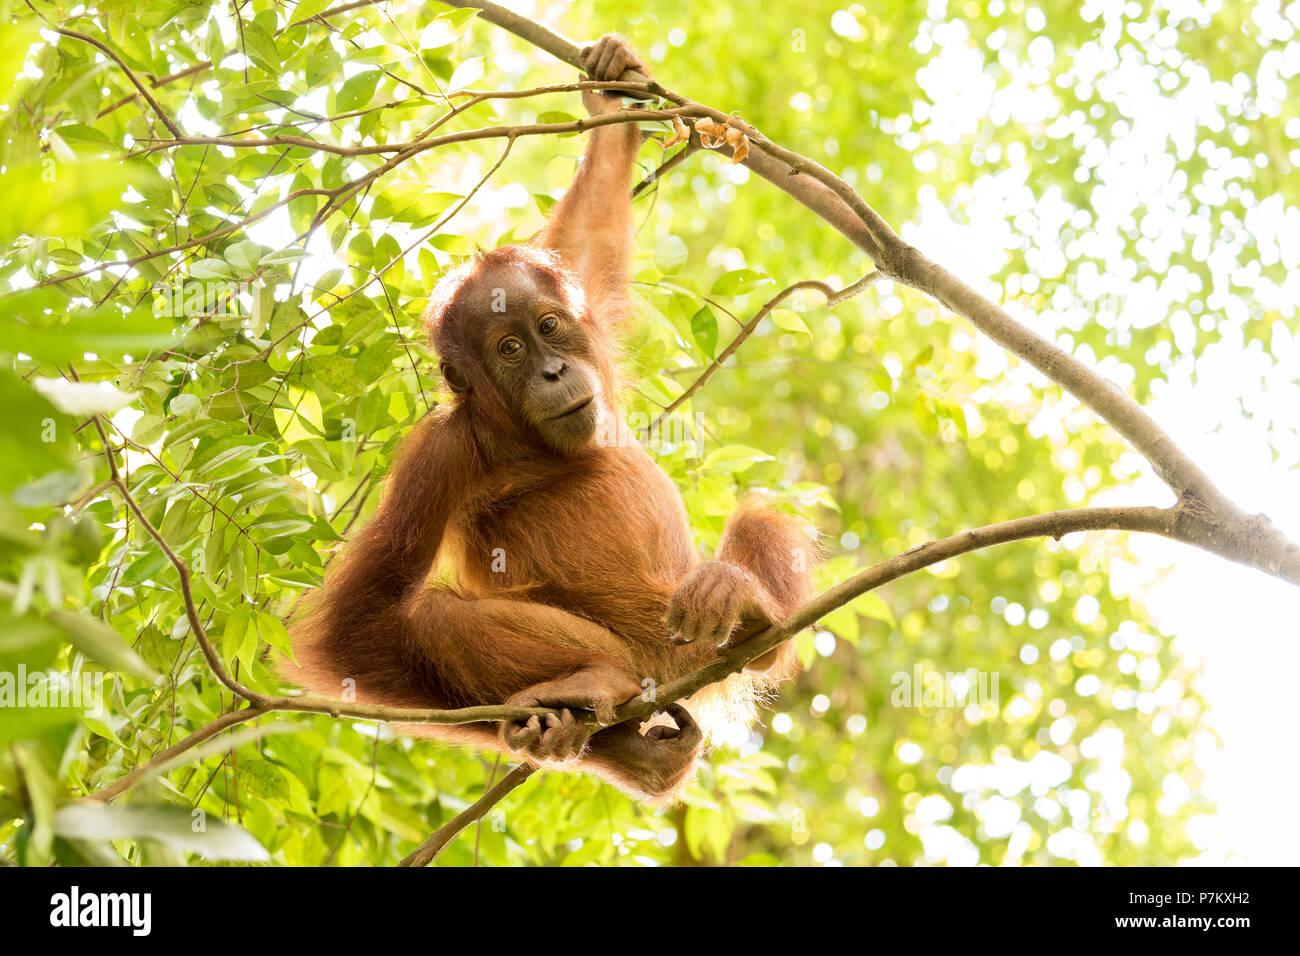 Joven orangután en la selva, sentado en ramas delgadas y mirando a la cámara, relajada Imagen De Stock